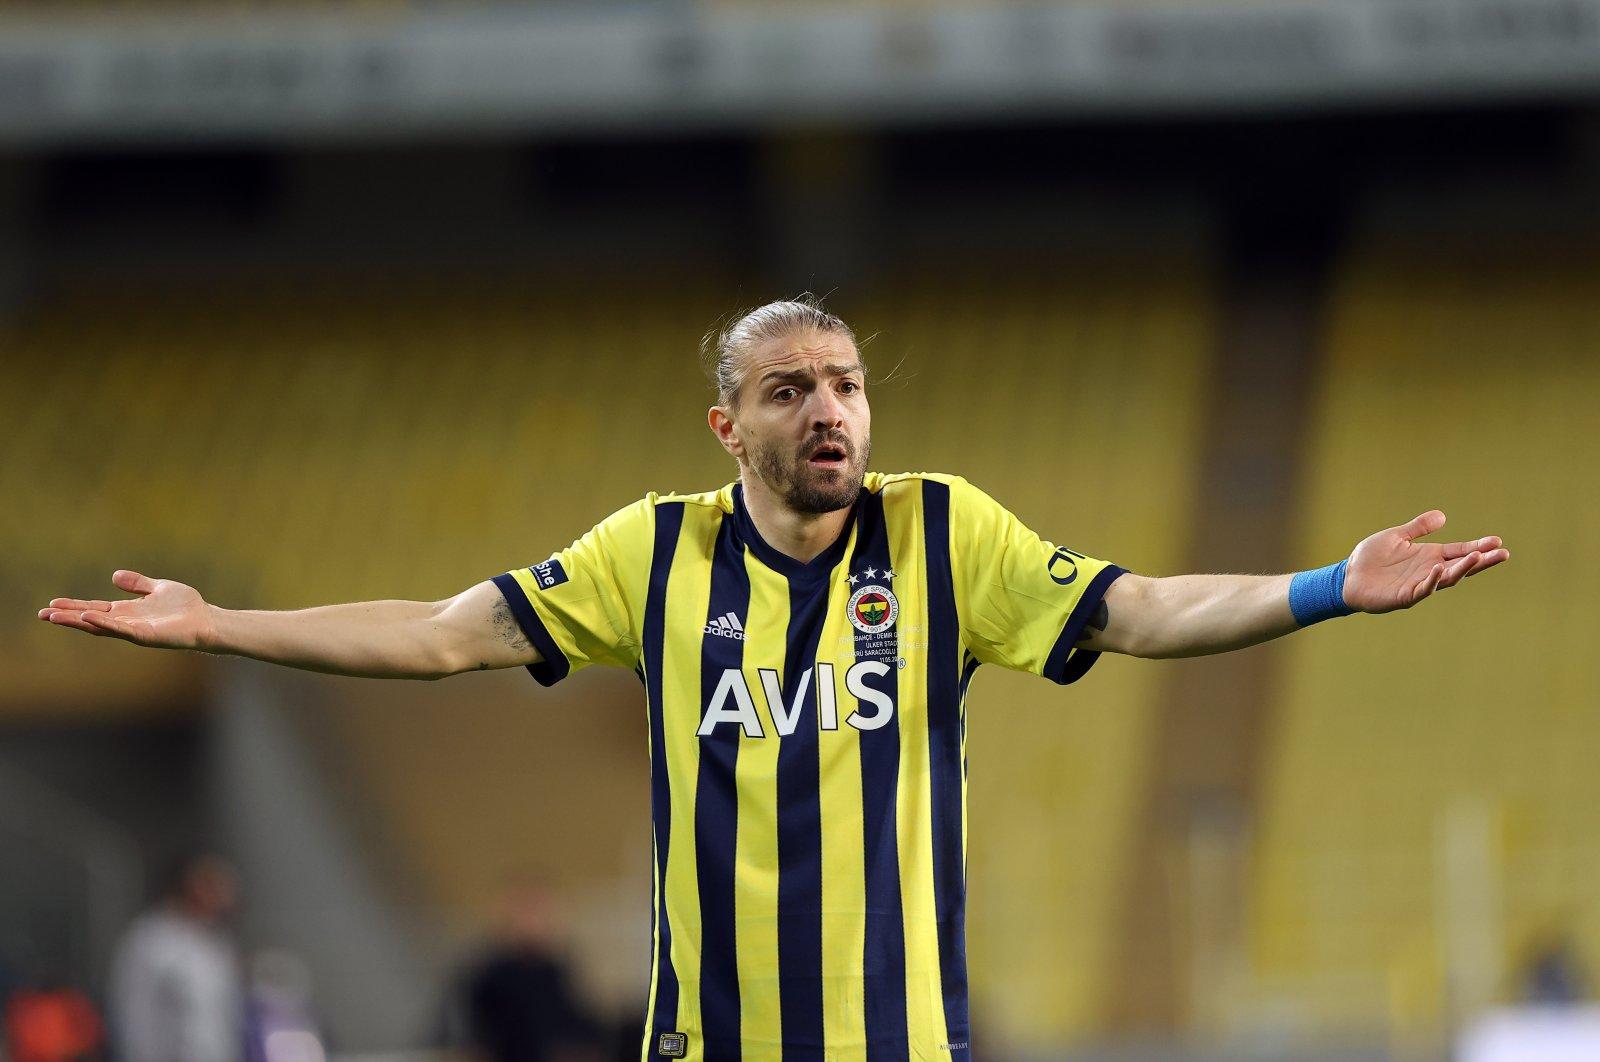 Fenerbahçe defender Caner Erkin reacts during a Süper Lig match against Sivasspor, Sivas, central Turkey, May 11, 2021. (AA Photo)